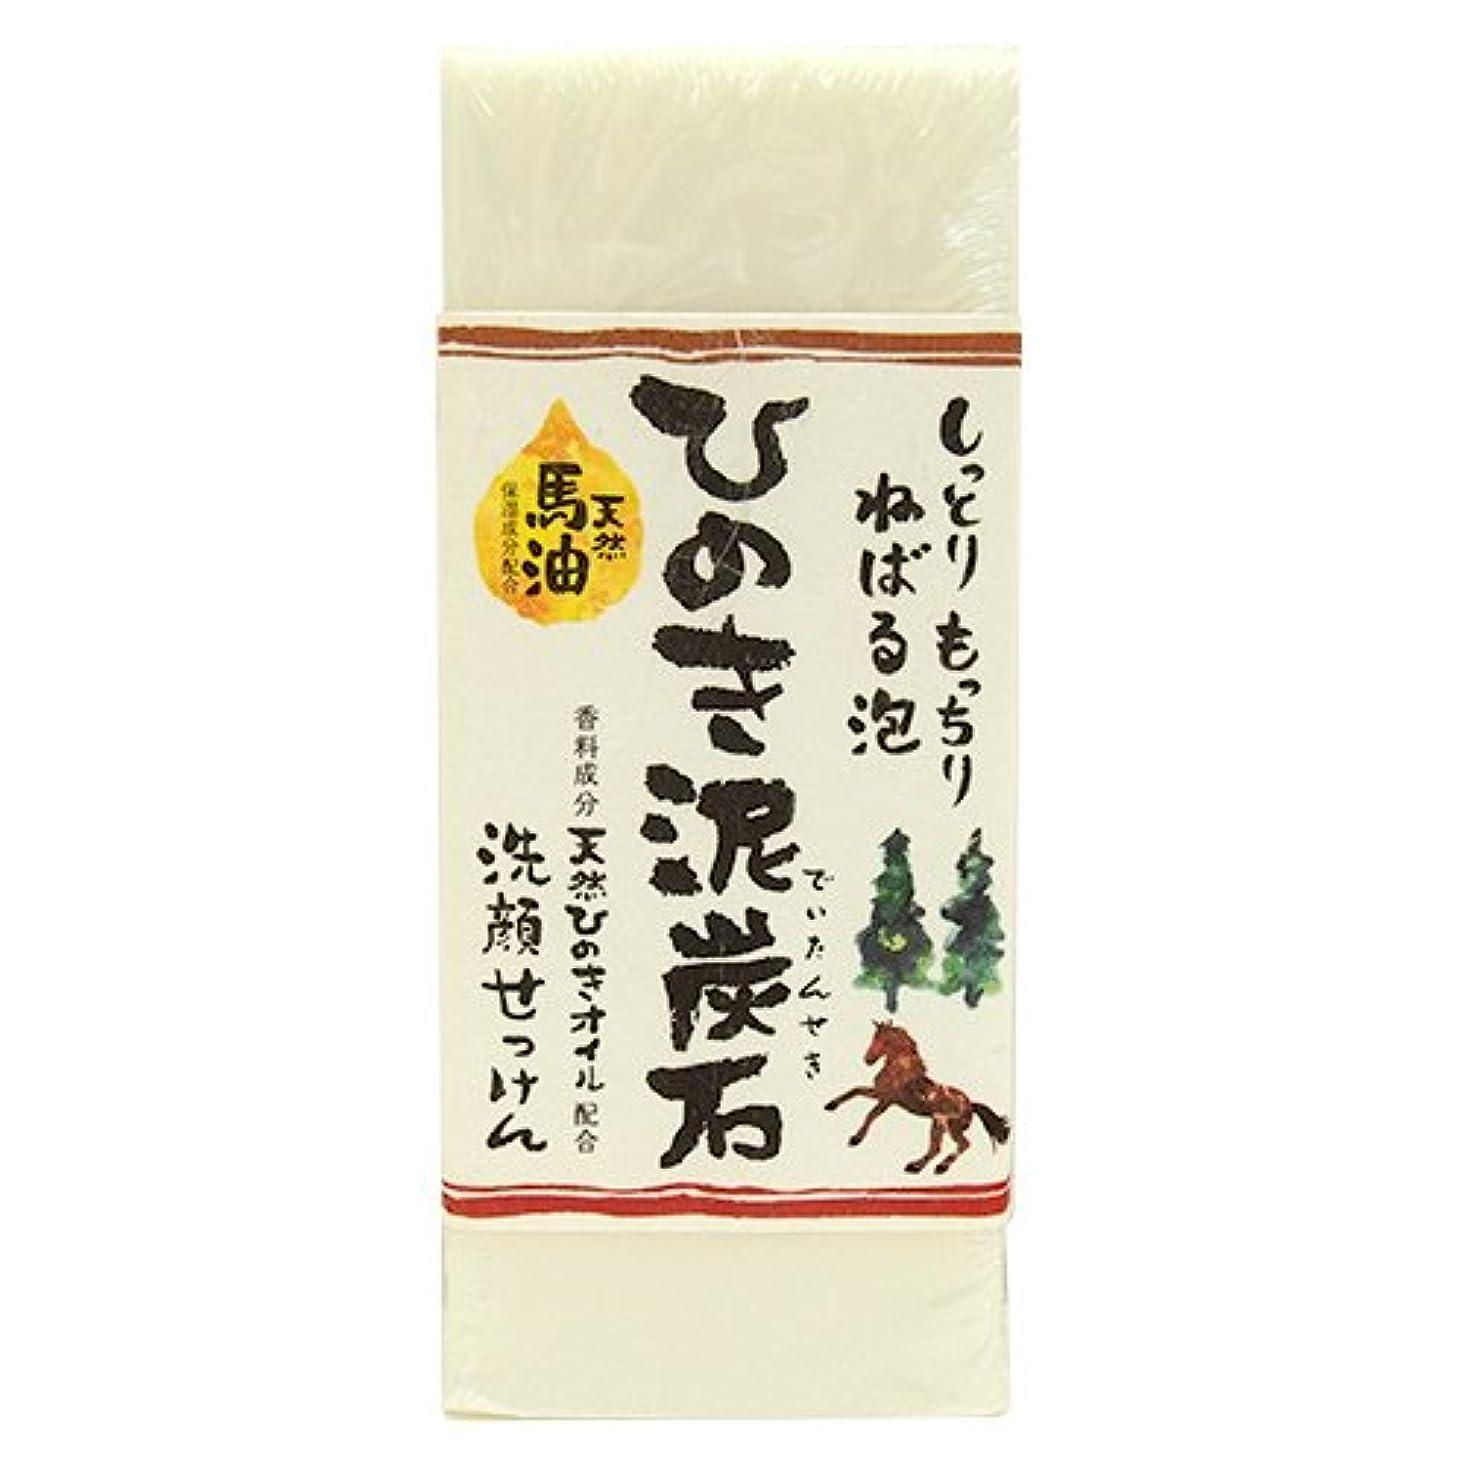 たっぷり毒性深くひのき泥炭石 洗顔せっけん うるおいタイプ 白 150g